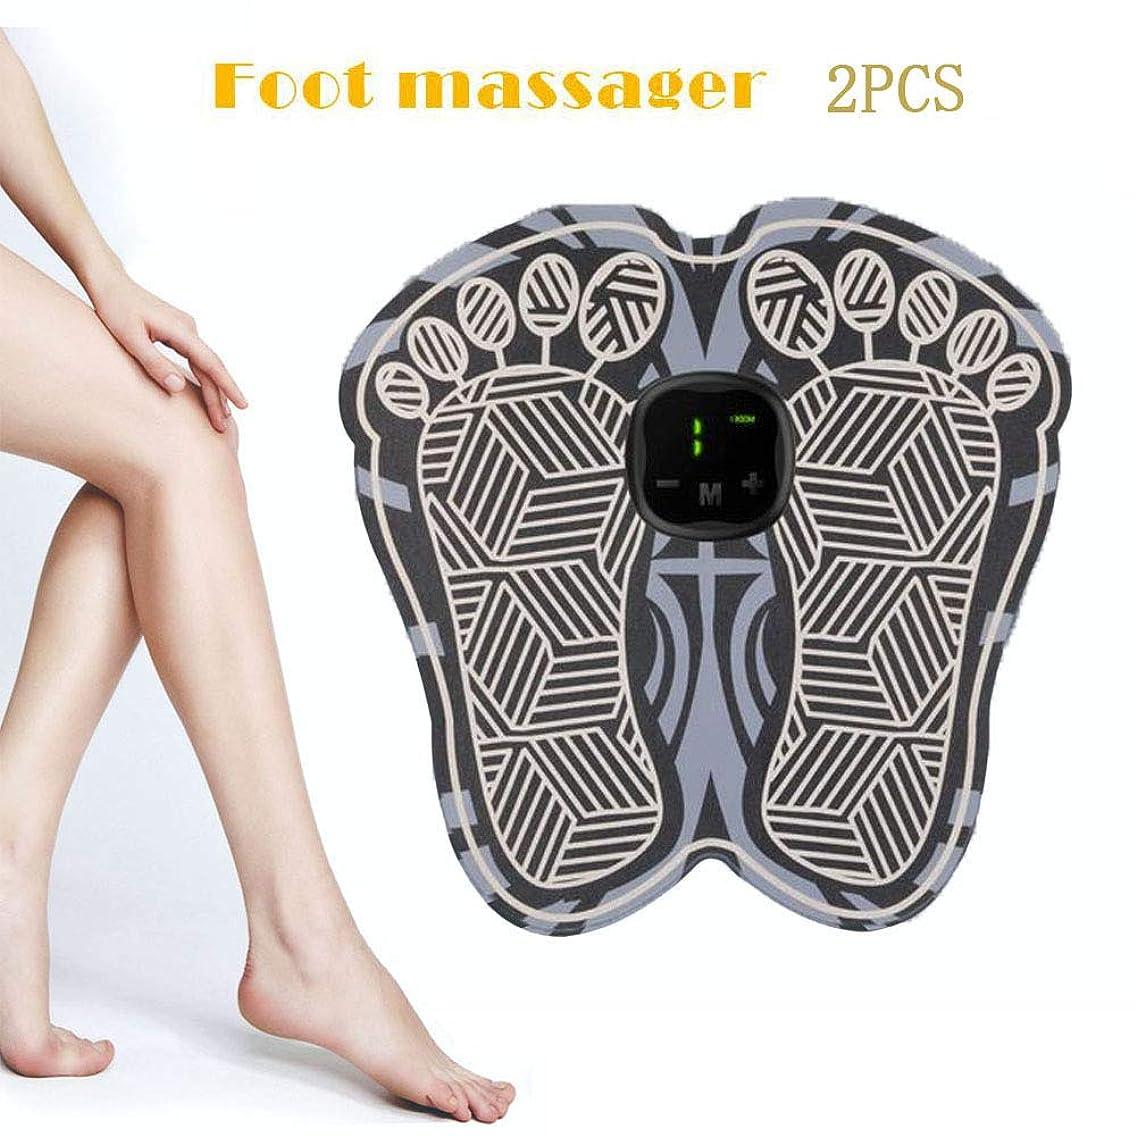 スキャンダラス外向き余韻EMSフットマッサージャー、スマートマッサージパッド、足の振動指圧、多機能理学療法、デジタルディスプレイ、USB充電、足の疲労の緩和、2個